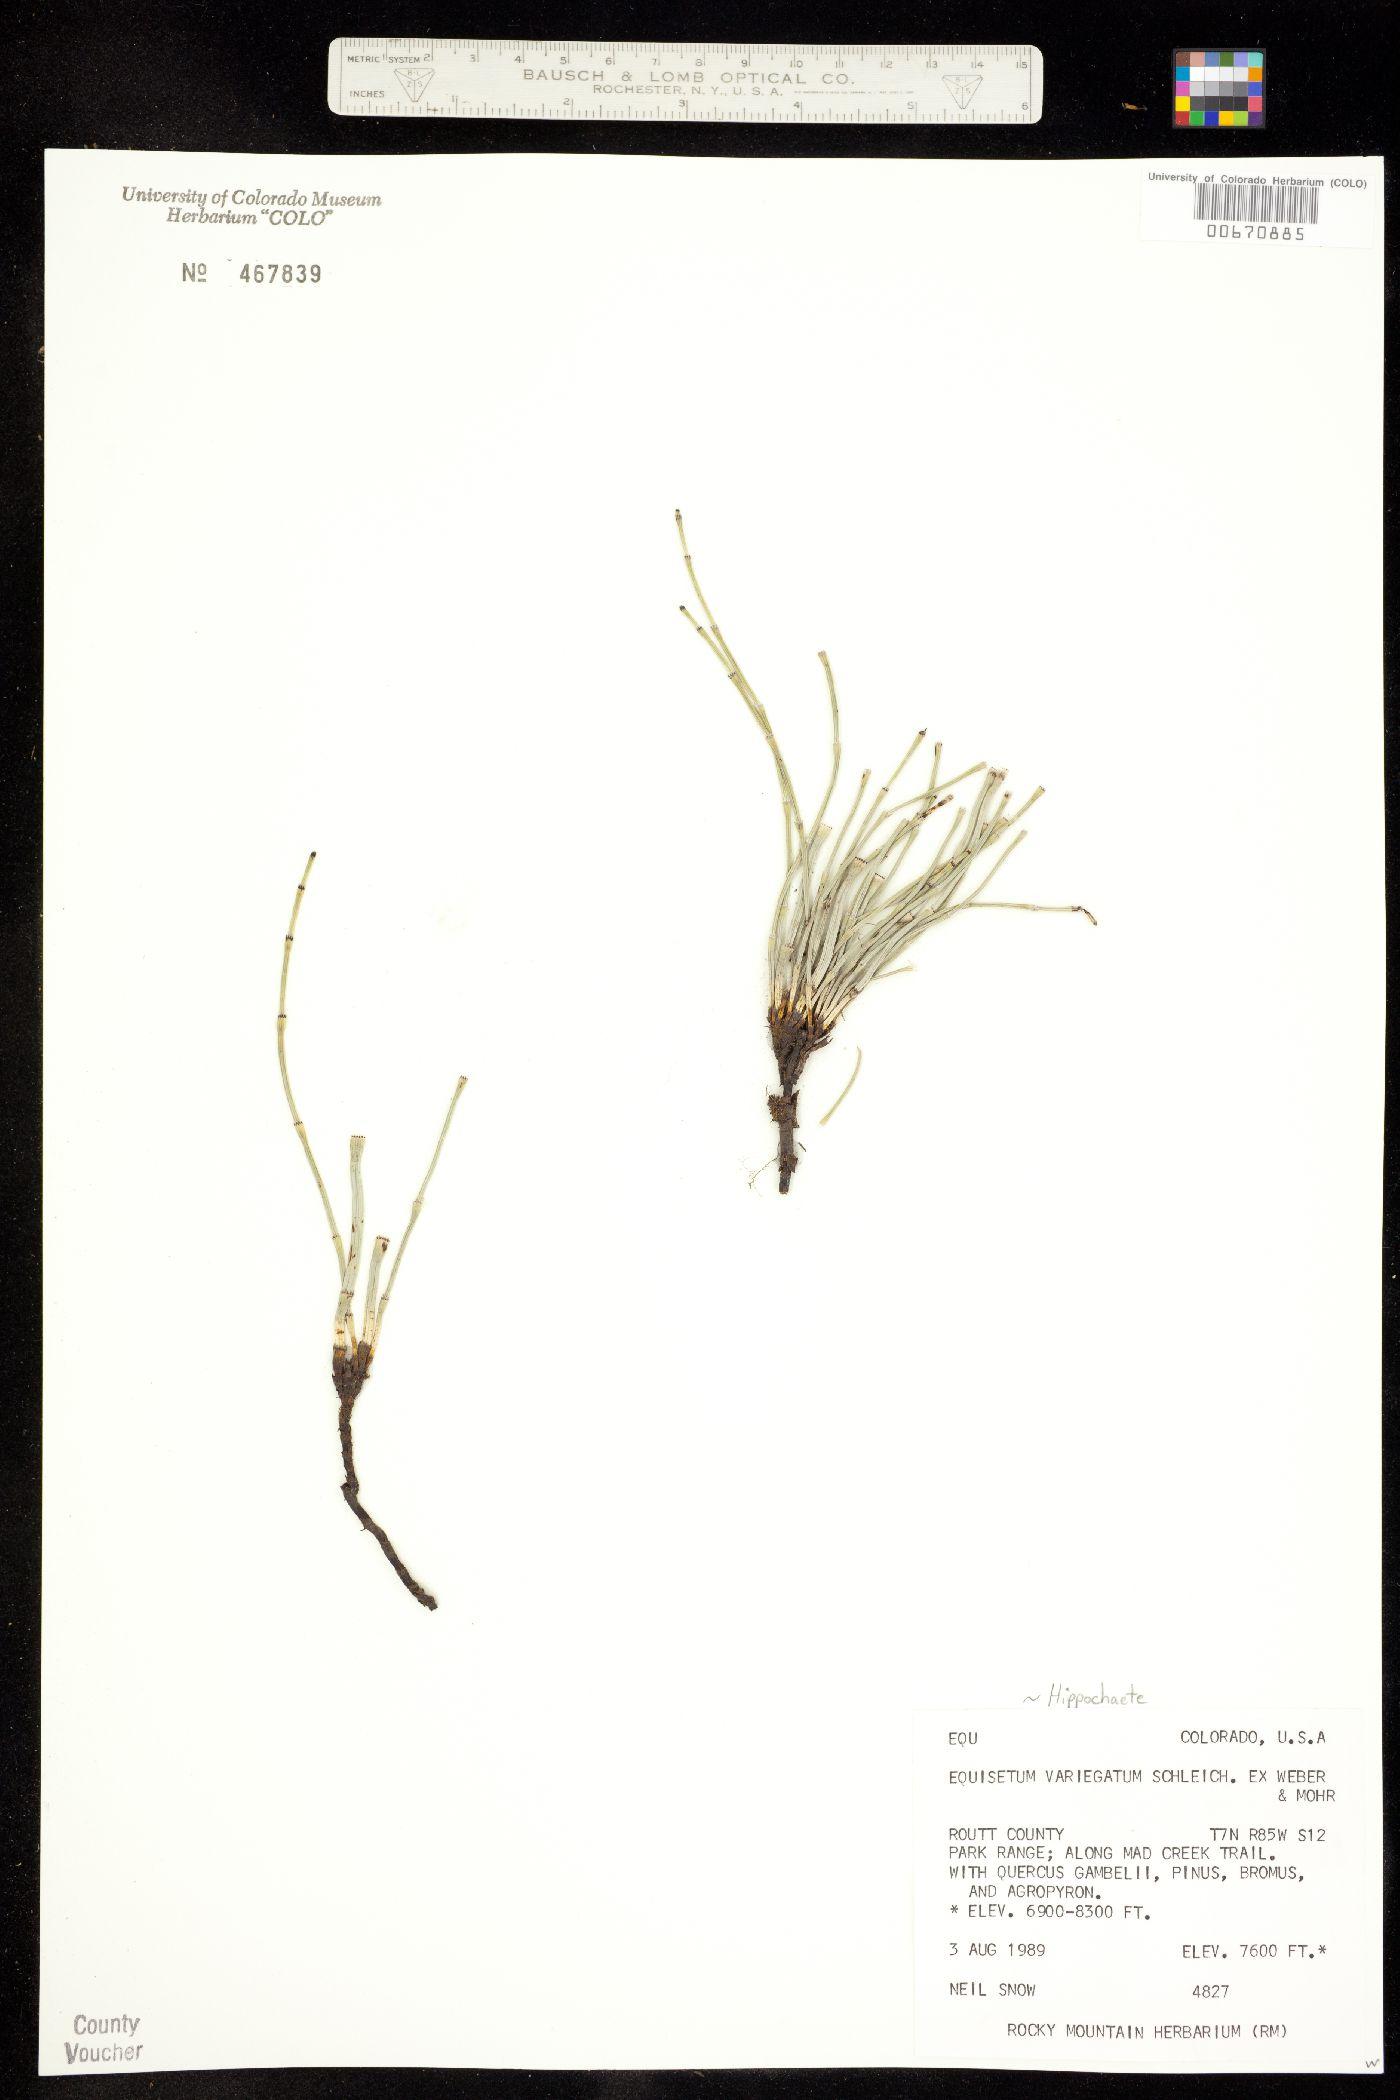 Hippochaete image